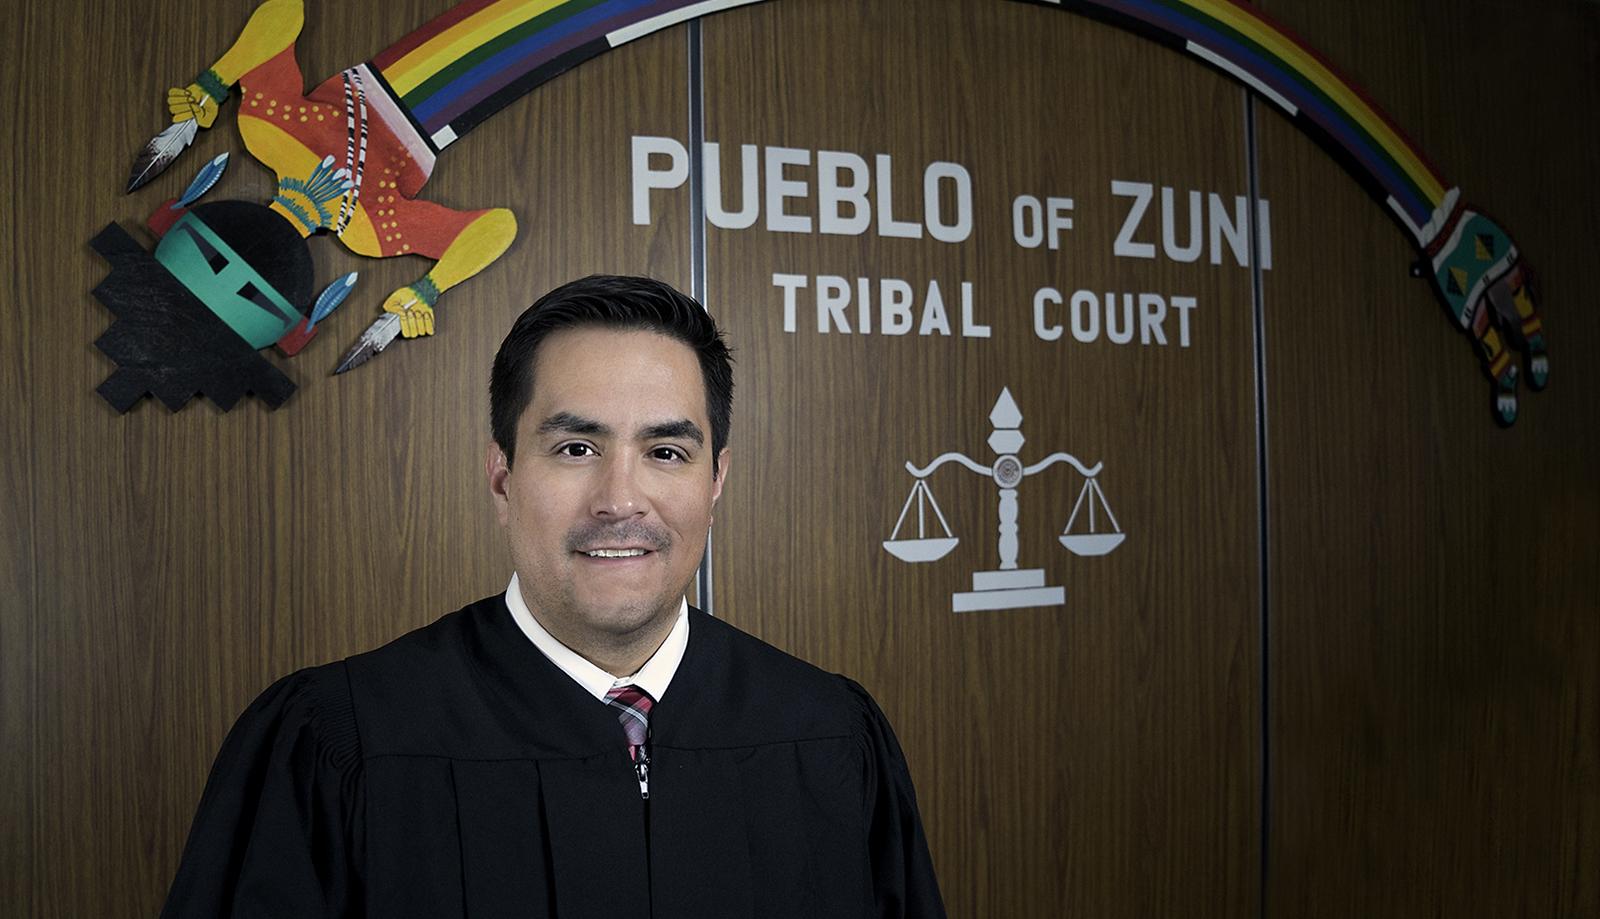 Judge Samuel Crowfoot